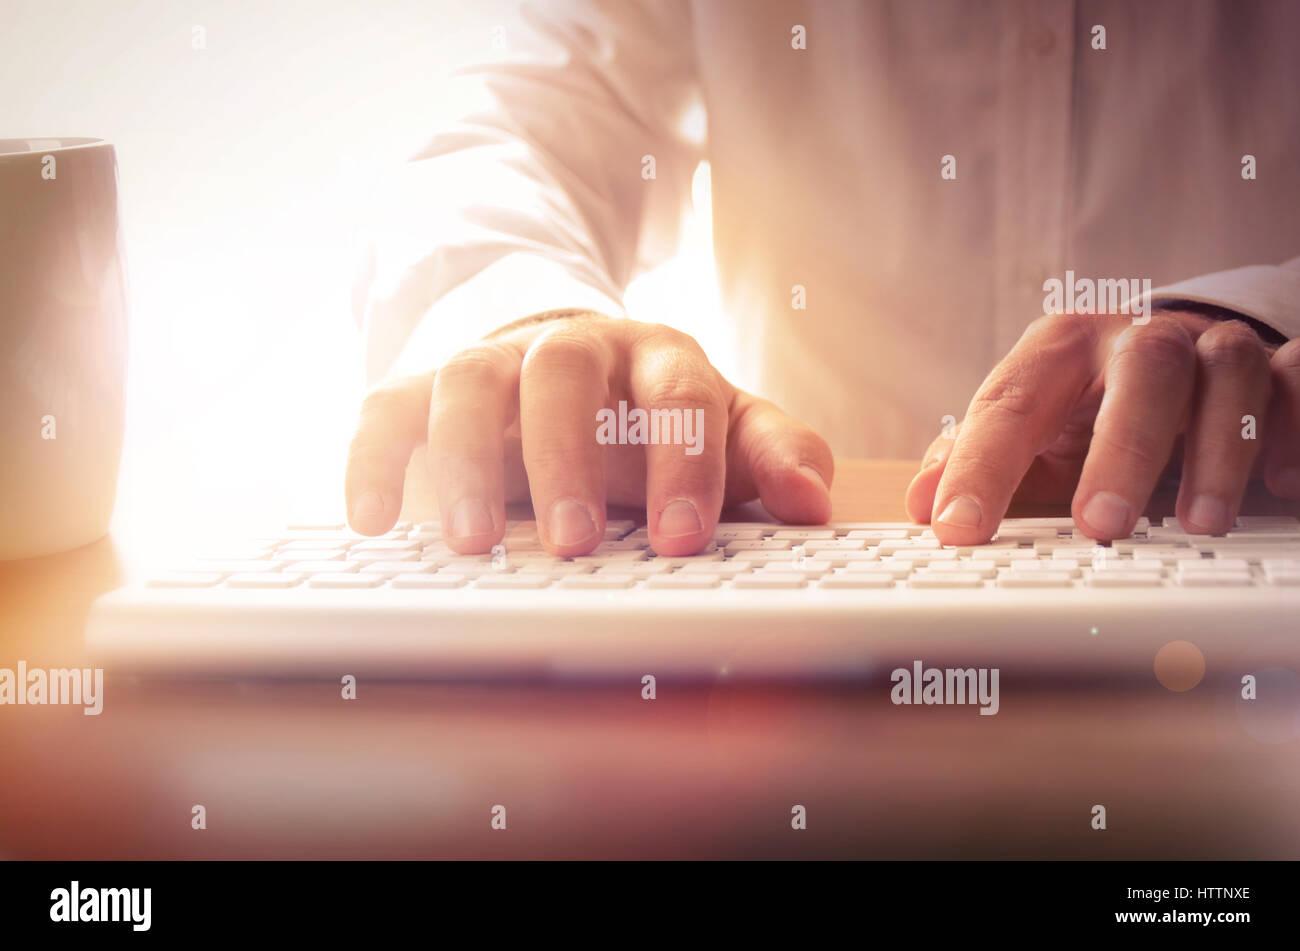 Businessman typing sur clavier de l'ordinateur à l'office. Concept pour des affaires et de la technologie, peut Banque D'Images